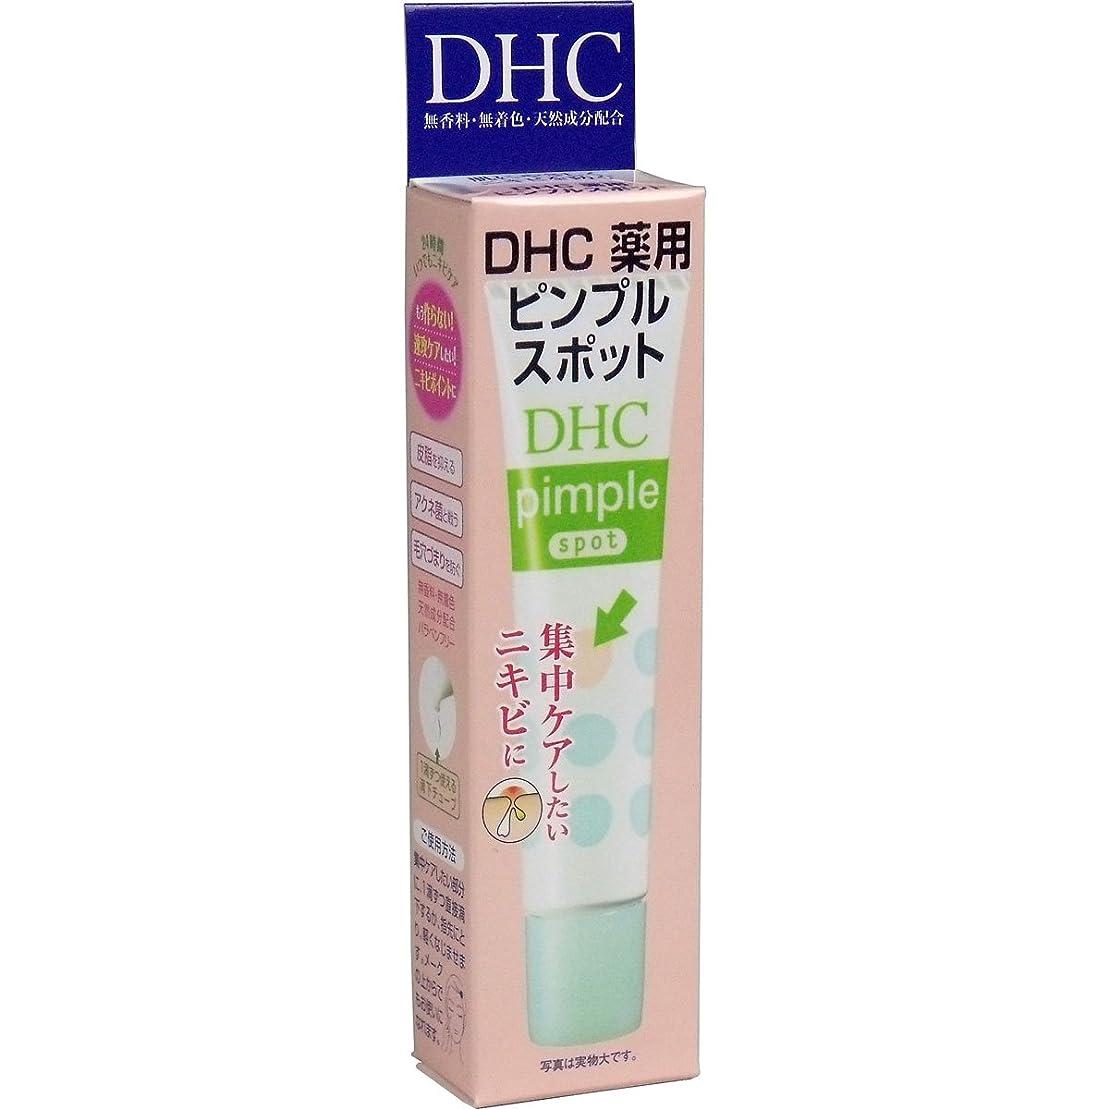 【DHC】DHC 薬用ピンプルスポット 15ml ×20個セット